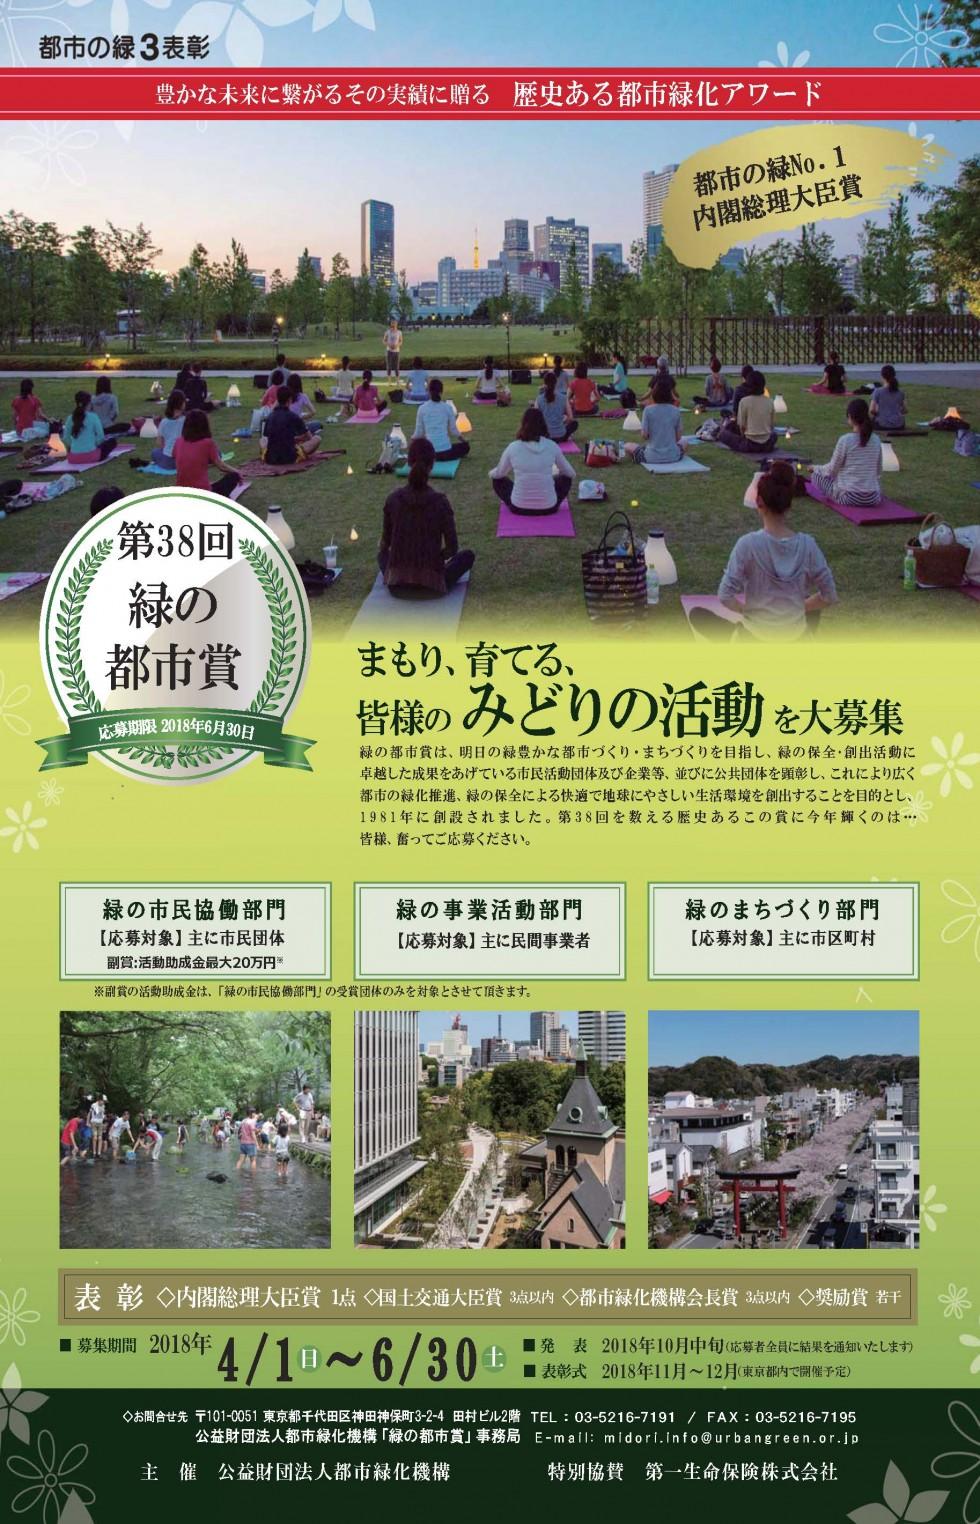 平成30年度「都市の緑3表彰」の募集のご案内<br />「第38回 緑の都市賞」「第29回 緑の環境プラン大賞」<br /> 「第17回 屋上・壁面緑化技術コンクール」<br />募 集 開 始